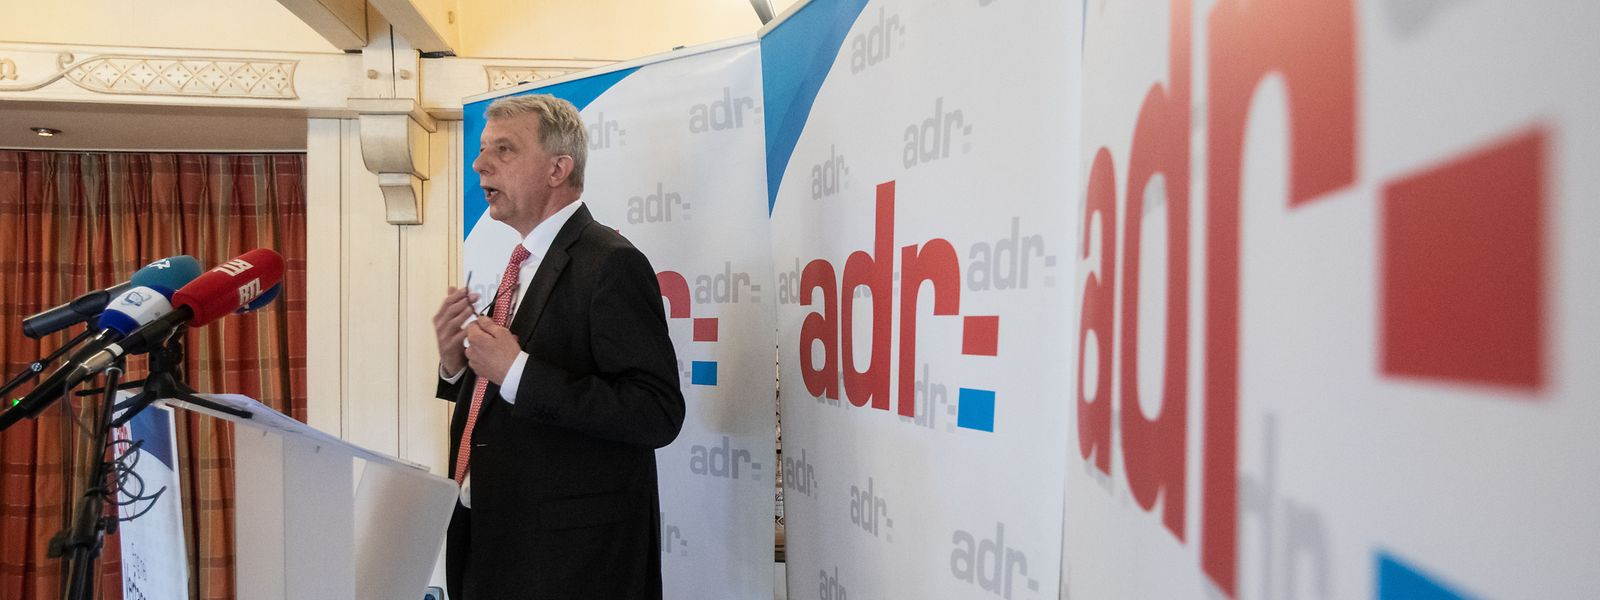 Für Fernand Kartheiser und die ADR muss es ein Referendum zur Verfassungsreform geben.